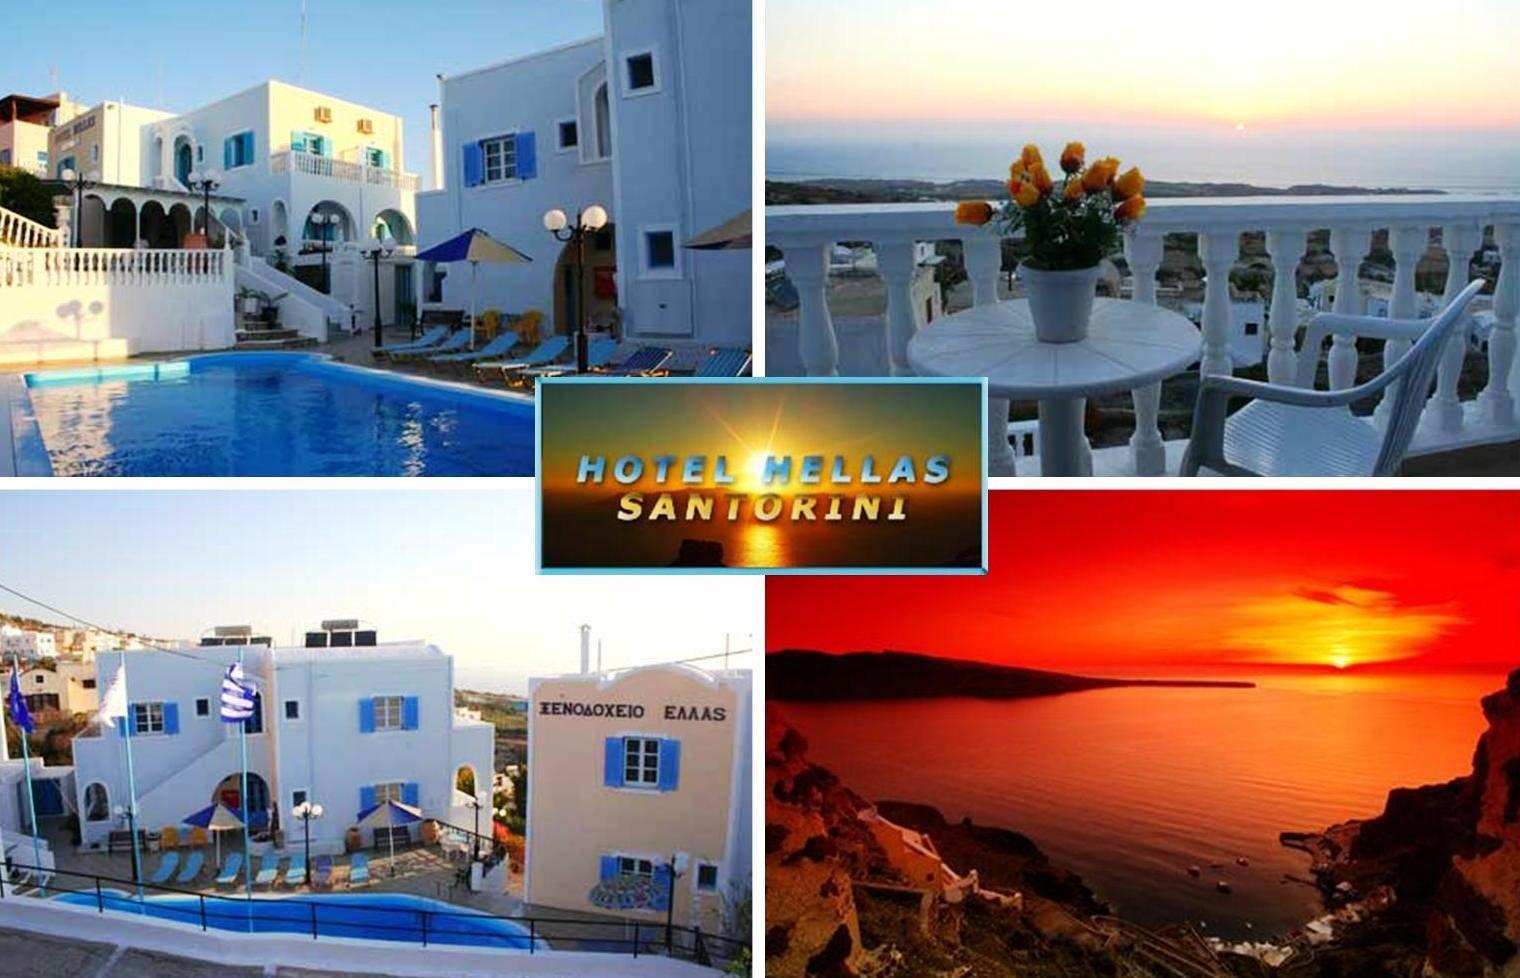 Προσφορά HappyDeals  - Καλοκαίρι 2015 στη Σαντορίνη! Μόνο 320€ για 6ήμερη απόδραση 2 ατόμων, ΜΕ Πρωινό, στο ''Hellas Hotel'' στα Φηρά. Κλείστε από τώρα τις διακοπές του 2015...